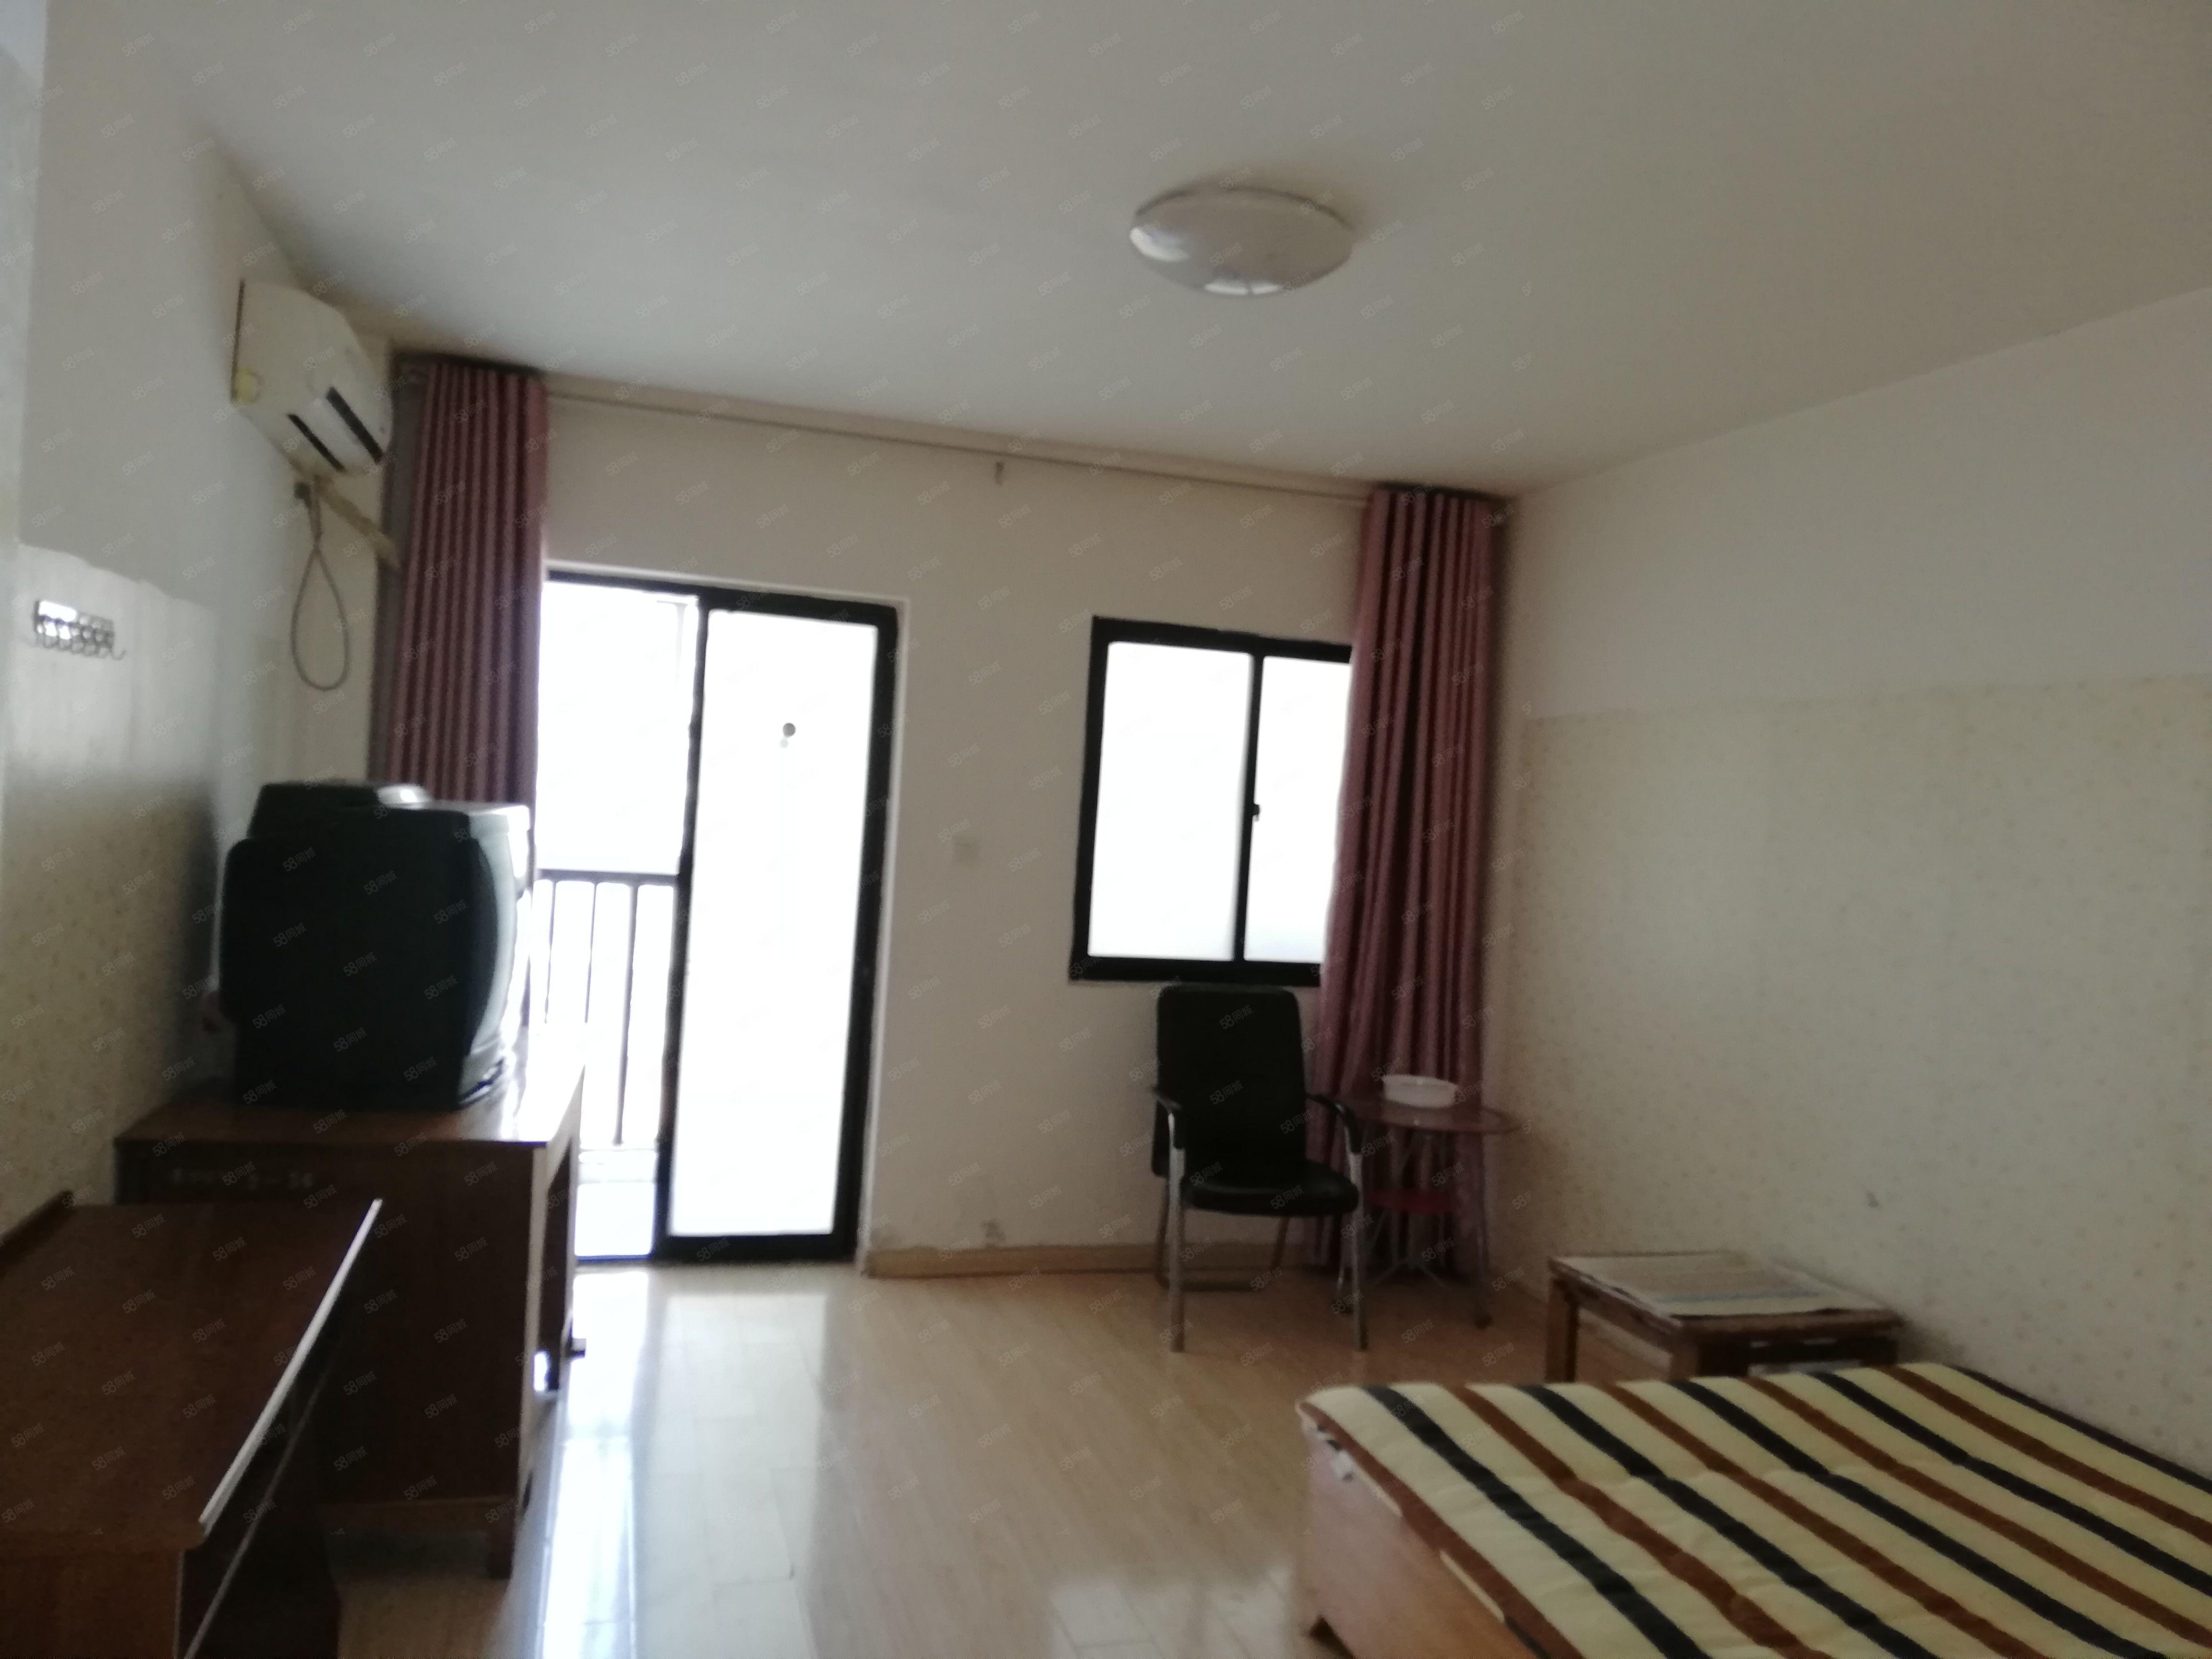 宝龙城市广场,精装小户型,家具齐全,干净卫生,电梯房,宽带。